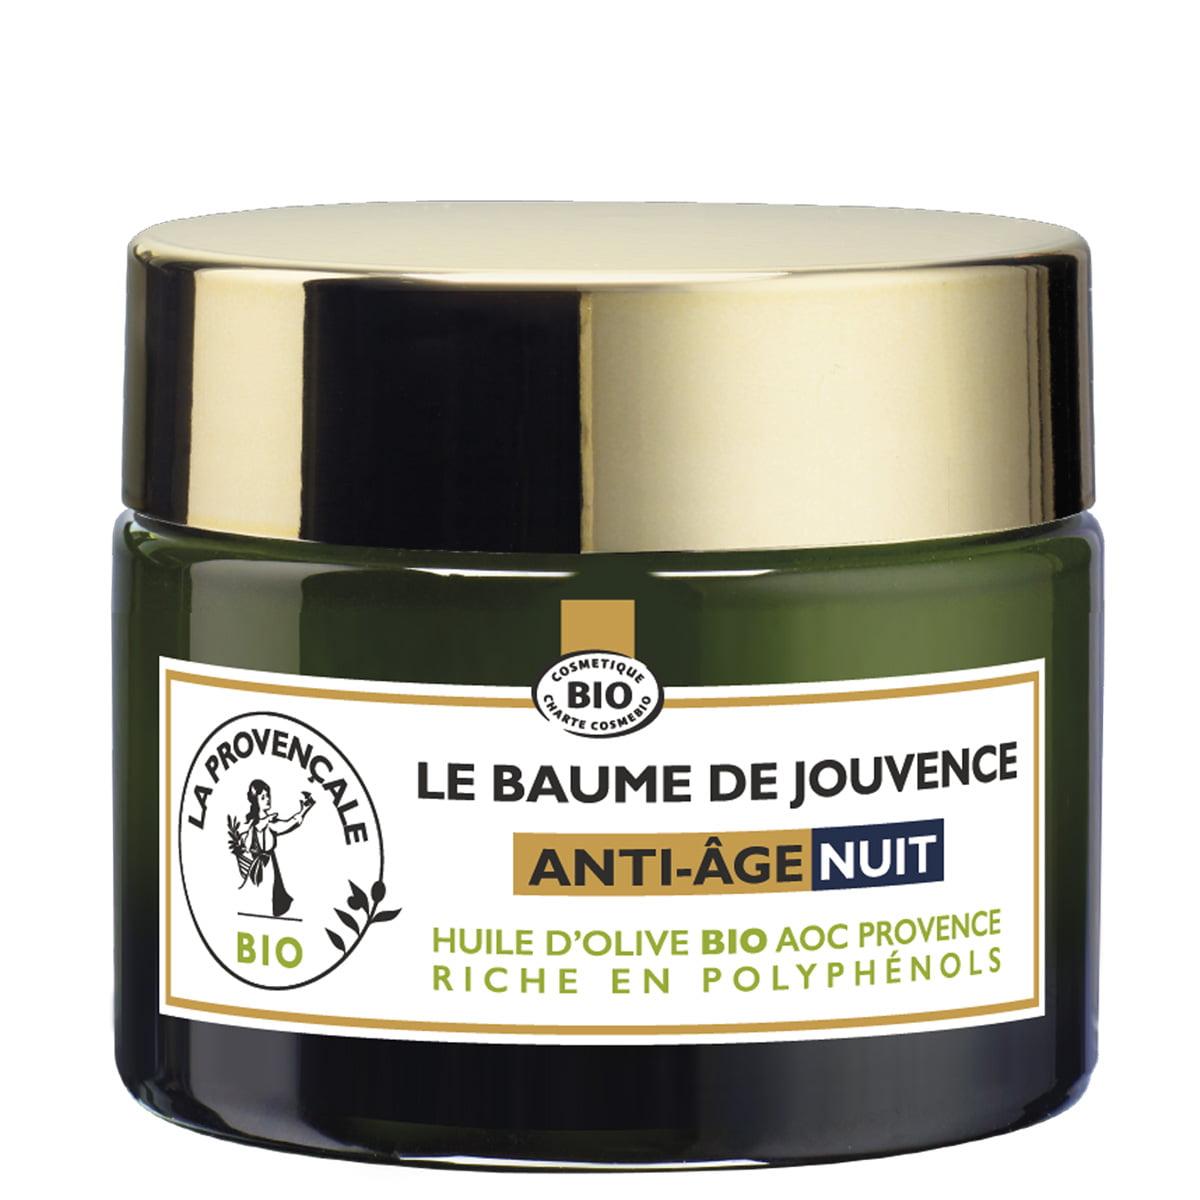 La Provençale Bio - Le Baume de Jouvence Anti-âge Nuit